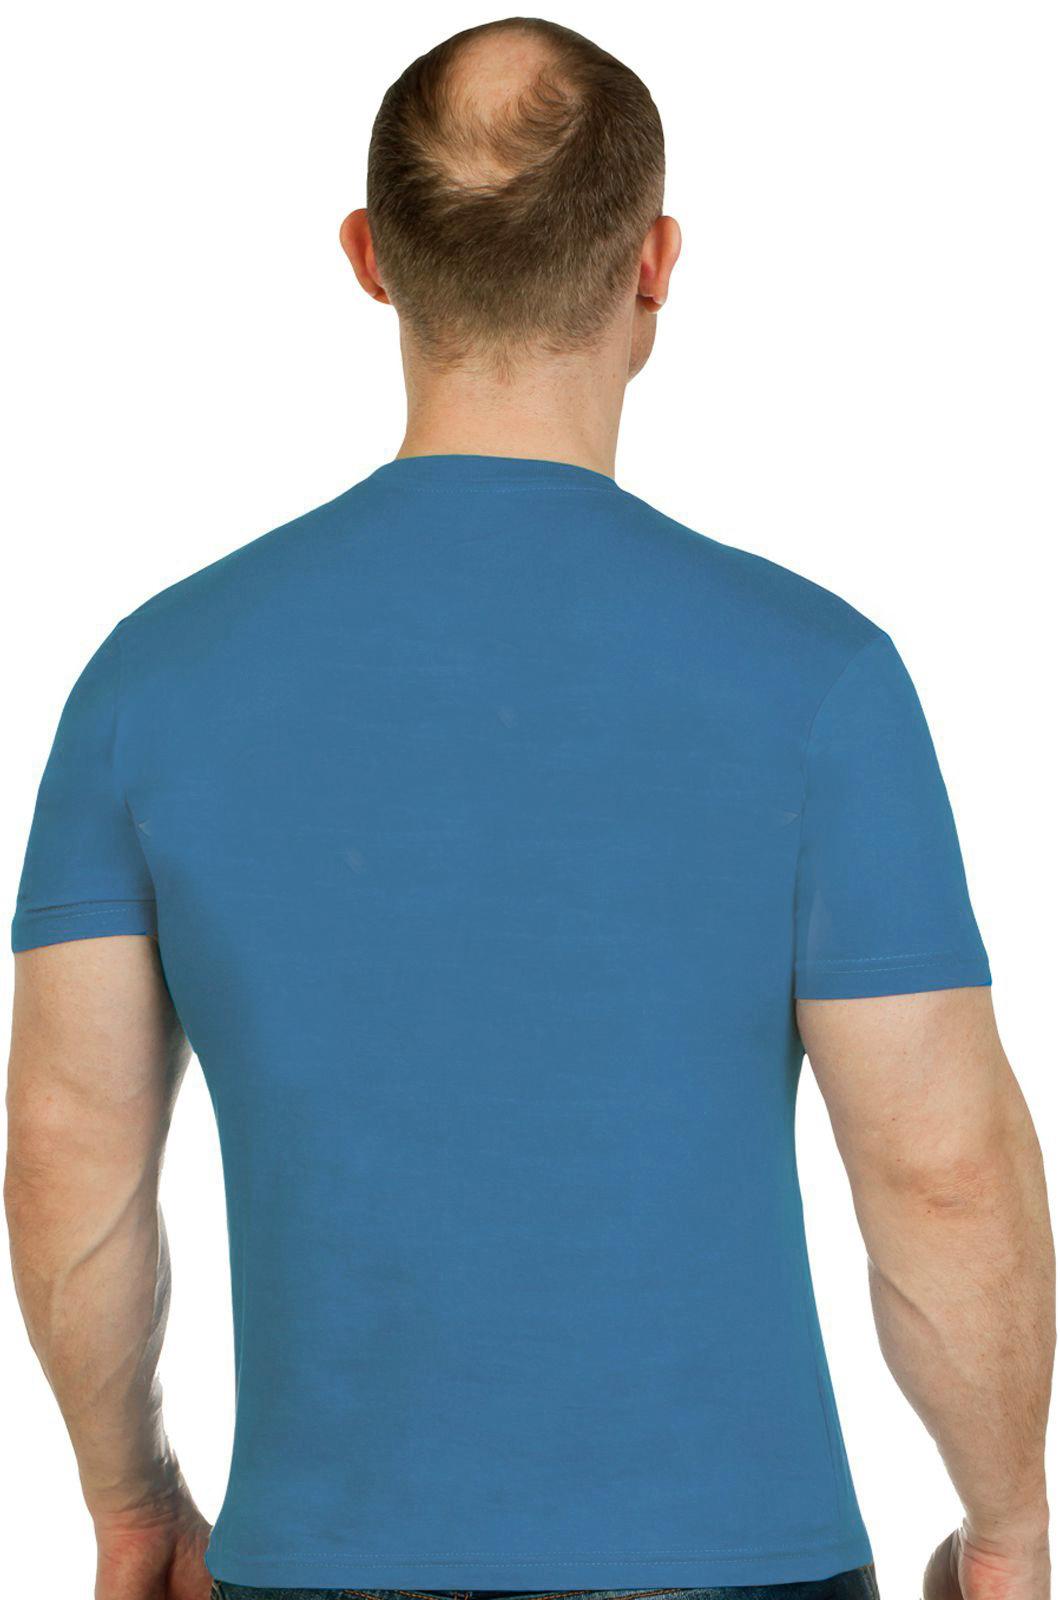 Трикотажная бирюзовая футболка с вышивкой ВДВ - купить выгодно